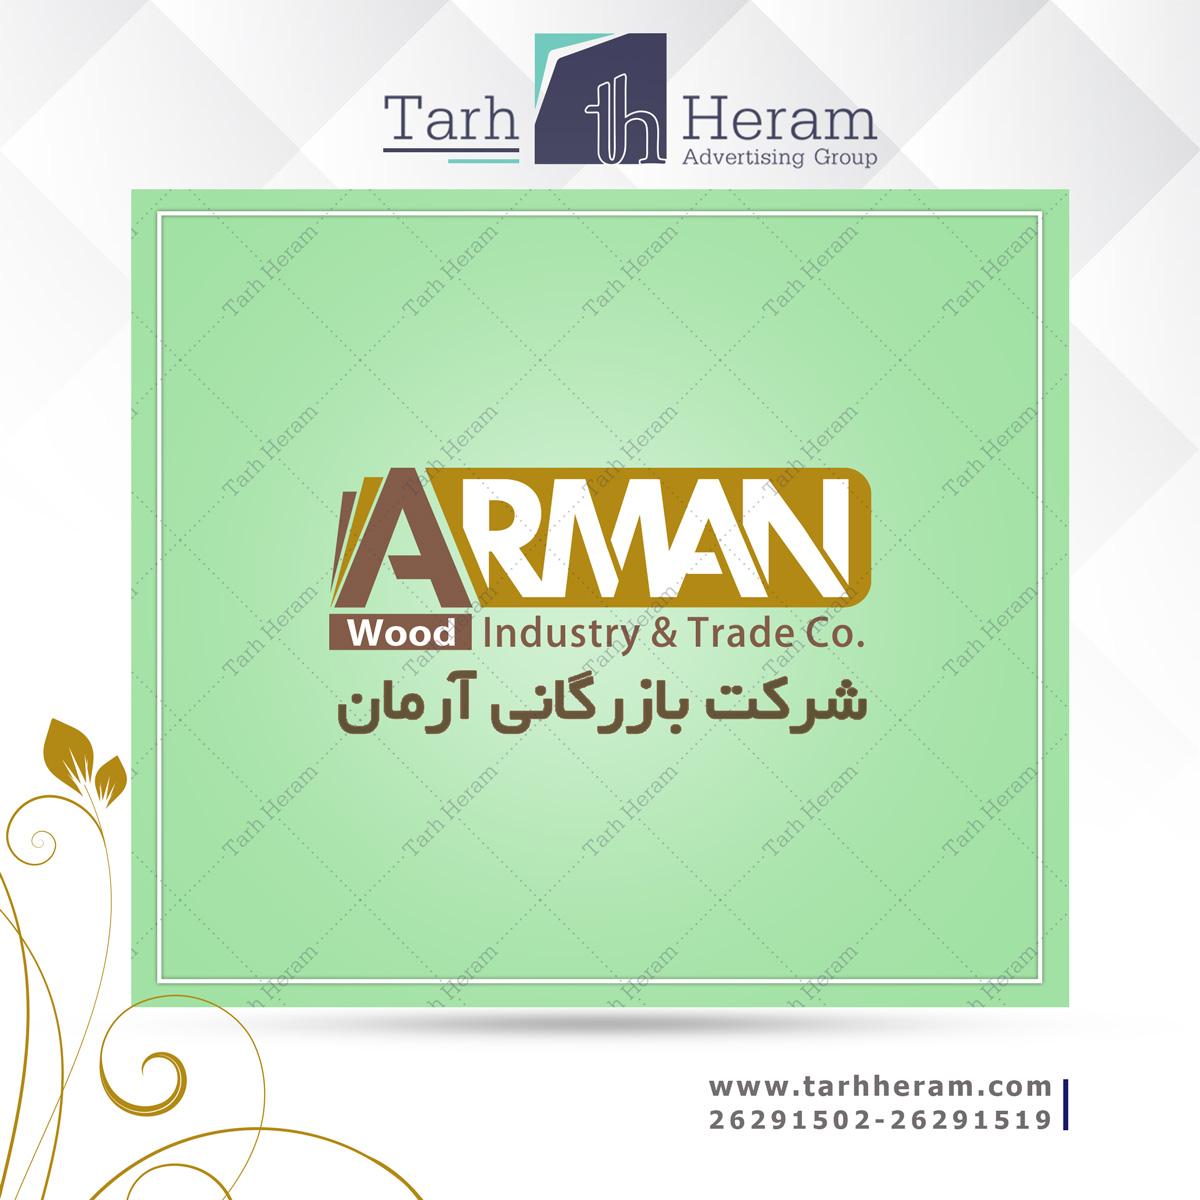 طراحی لوگو شرکت بازرگانی آرمان